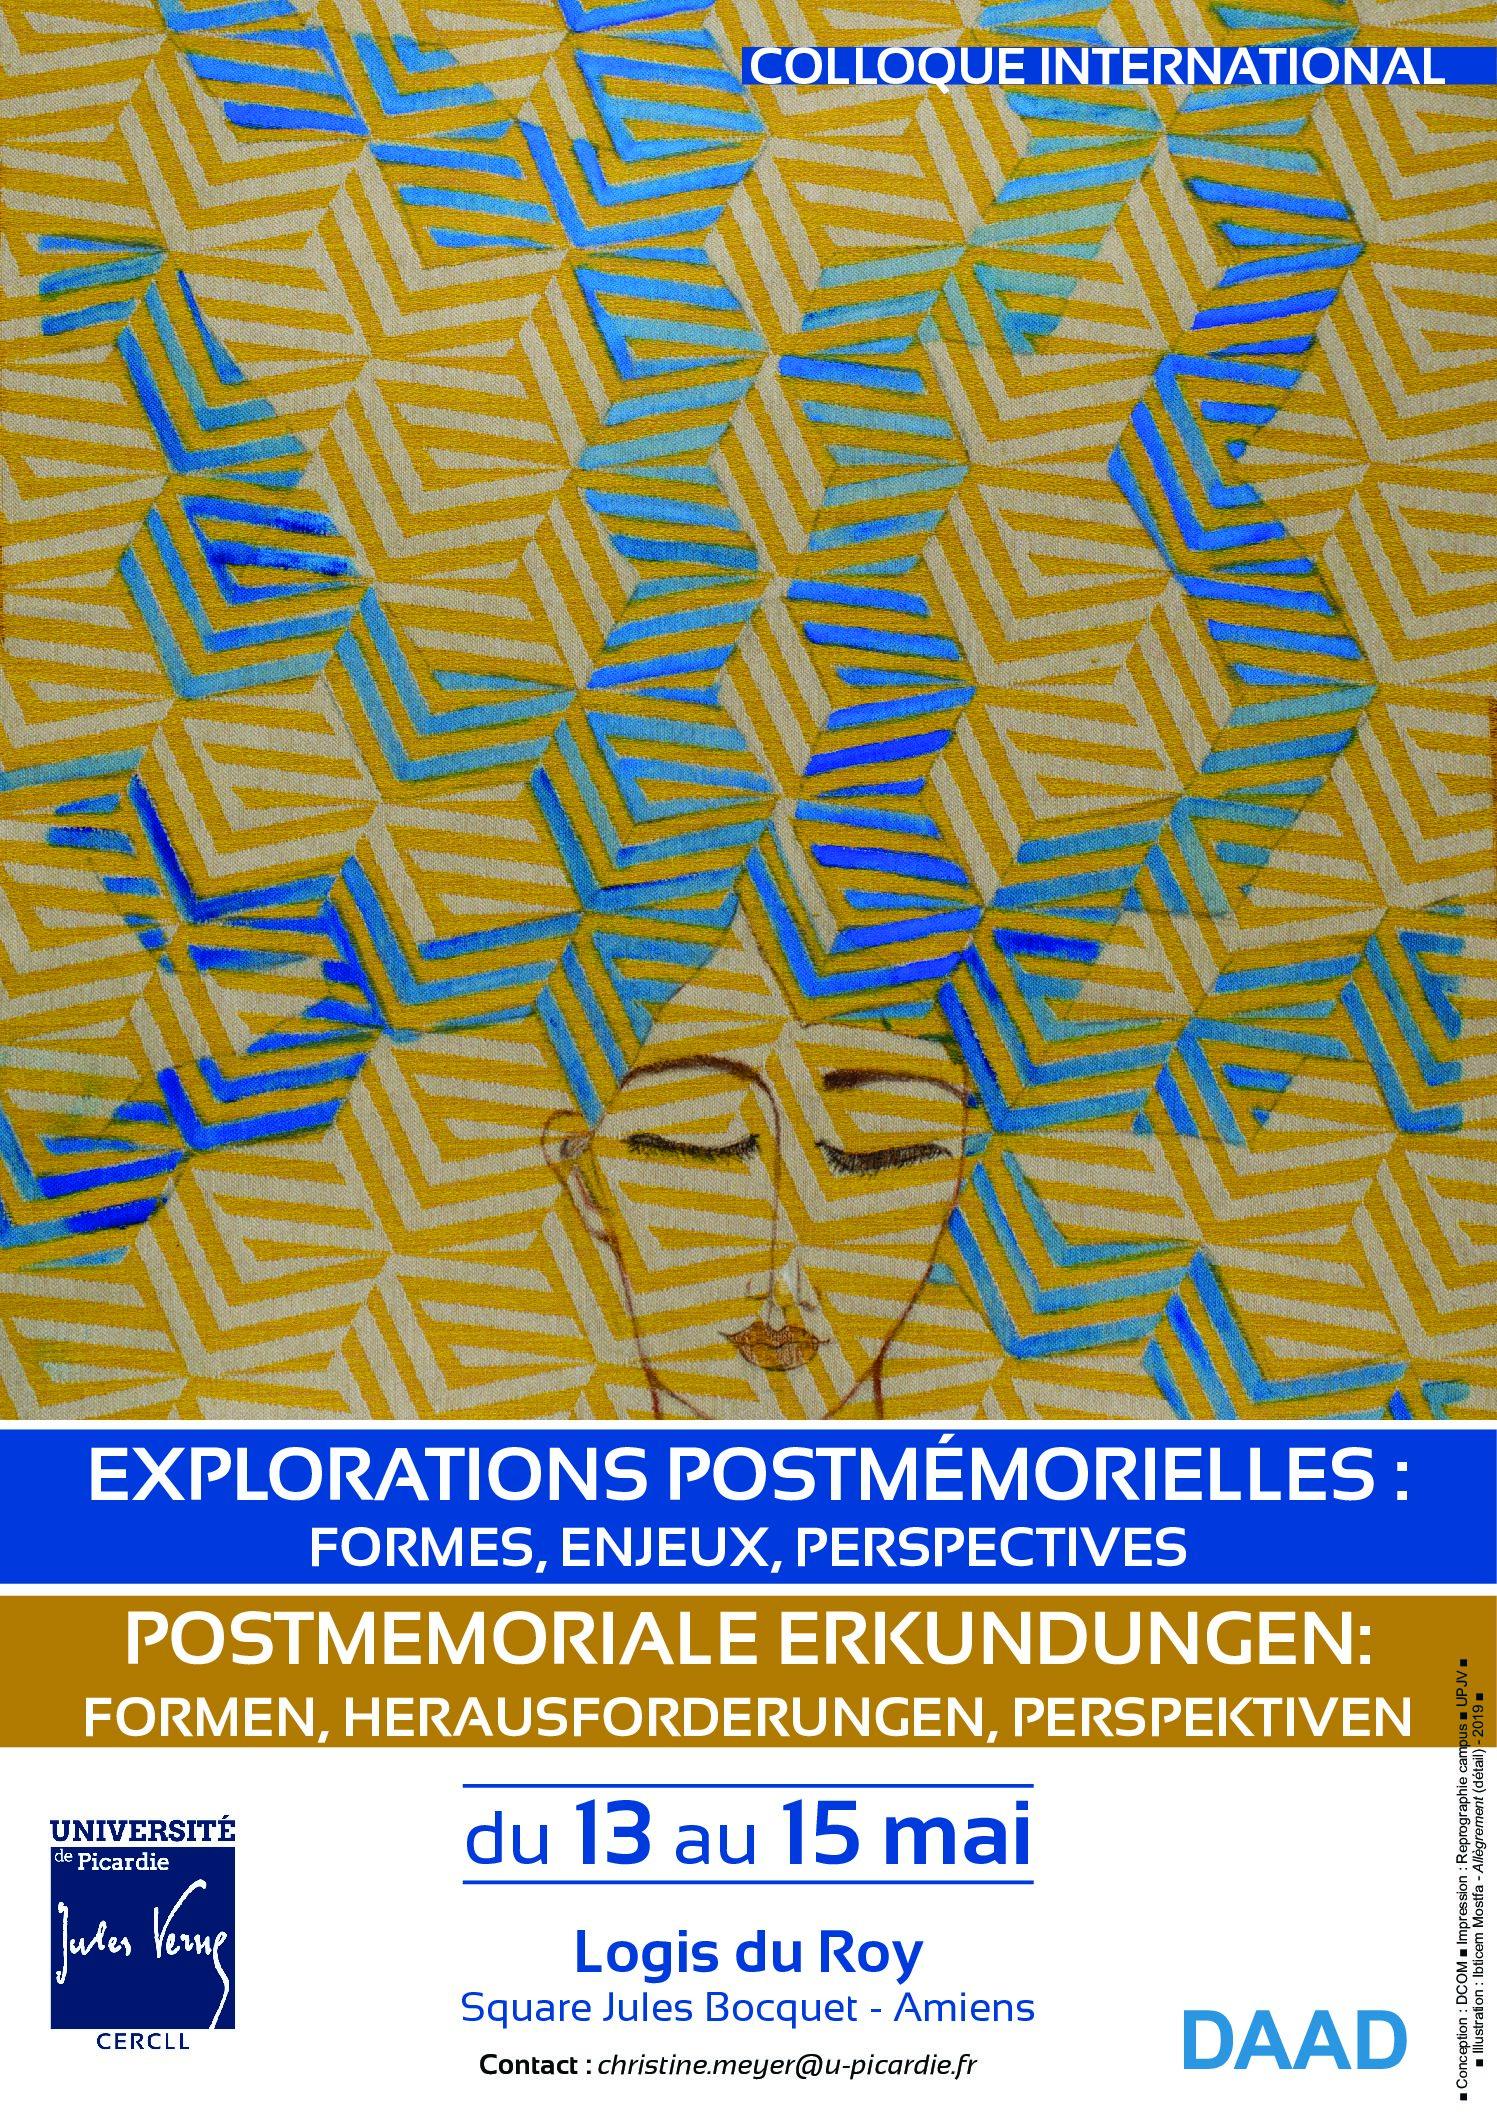 Colloque International_Explorations Postmémorielles En encequiconcerne Association De Formes